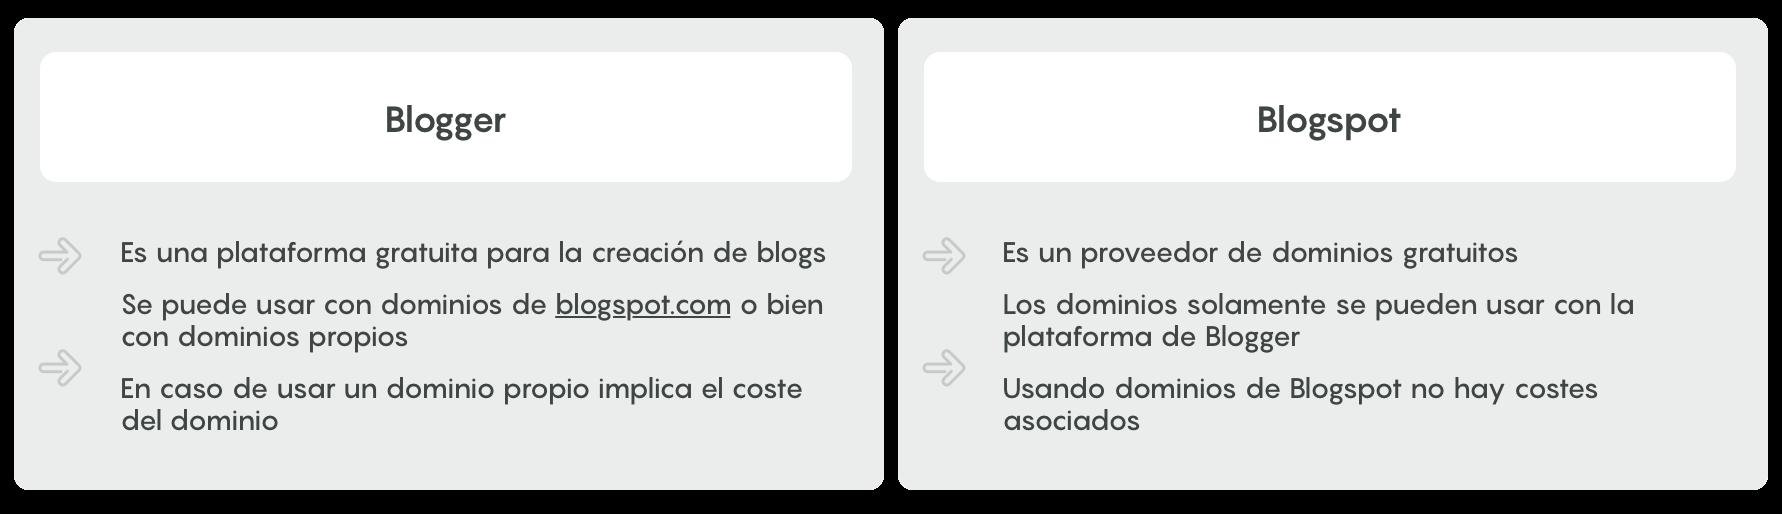 blogger que es